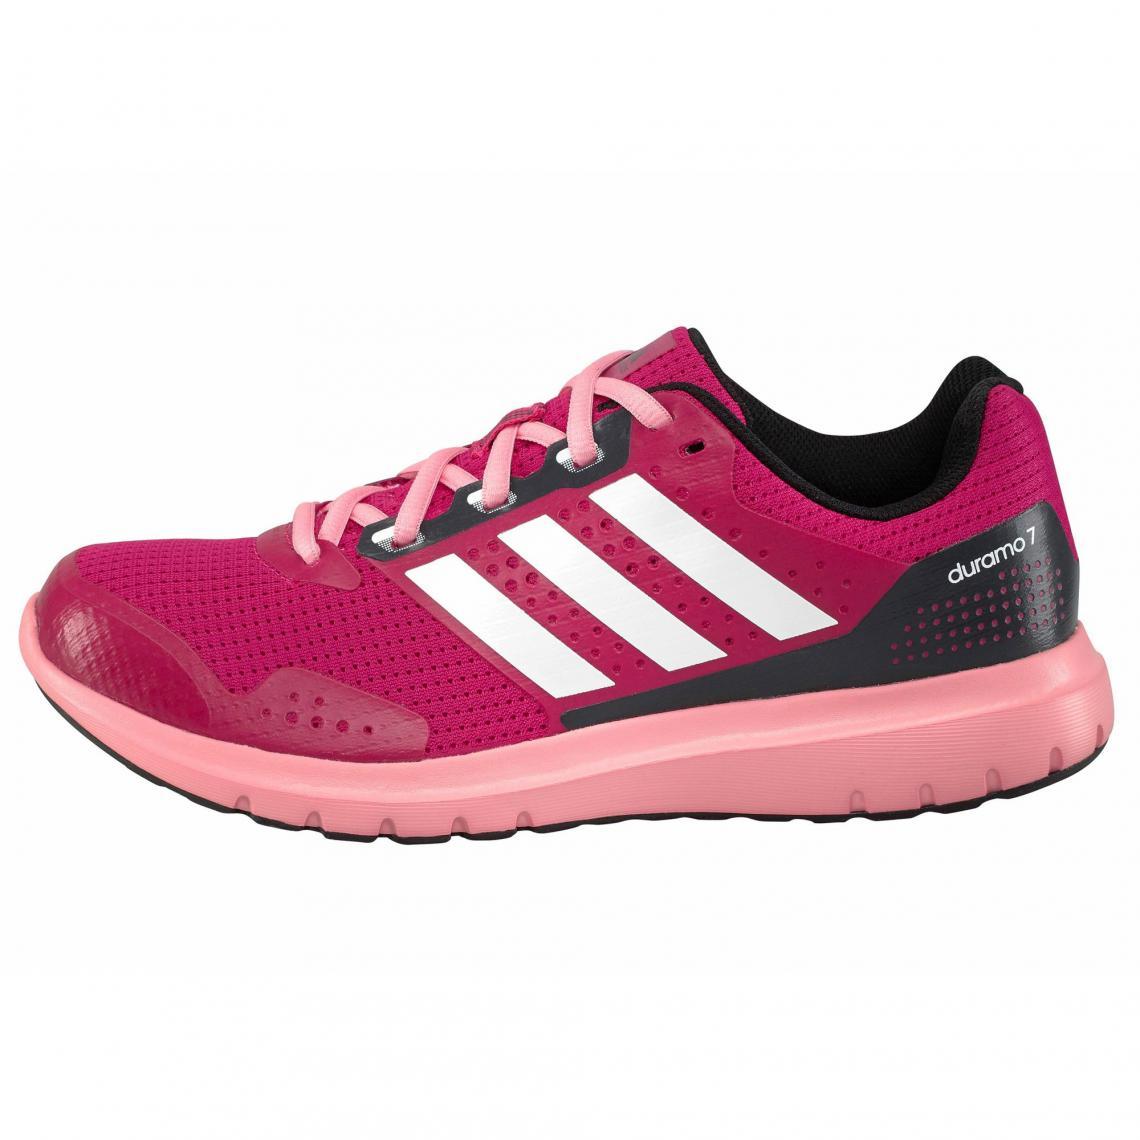 Chaussures De Course 1 Avis